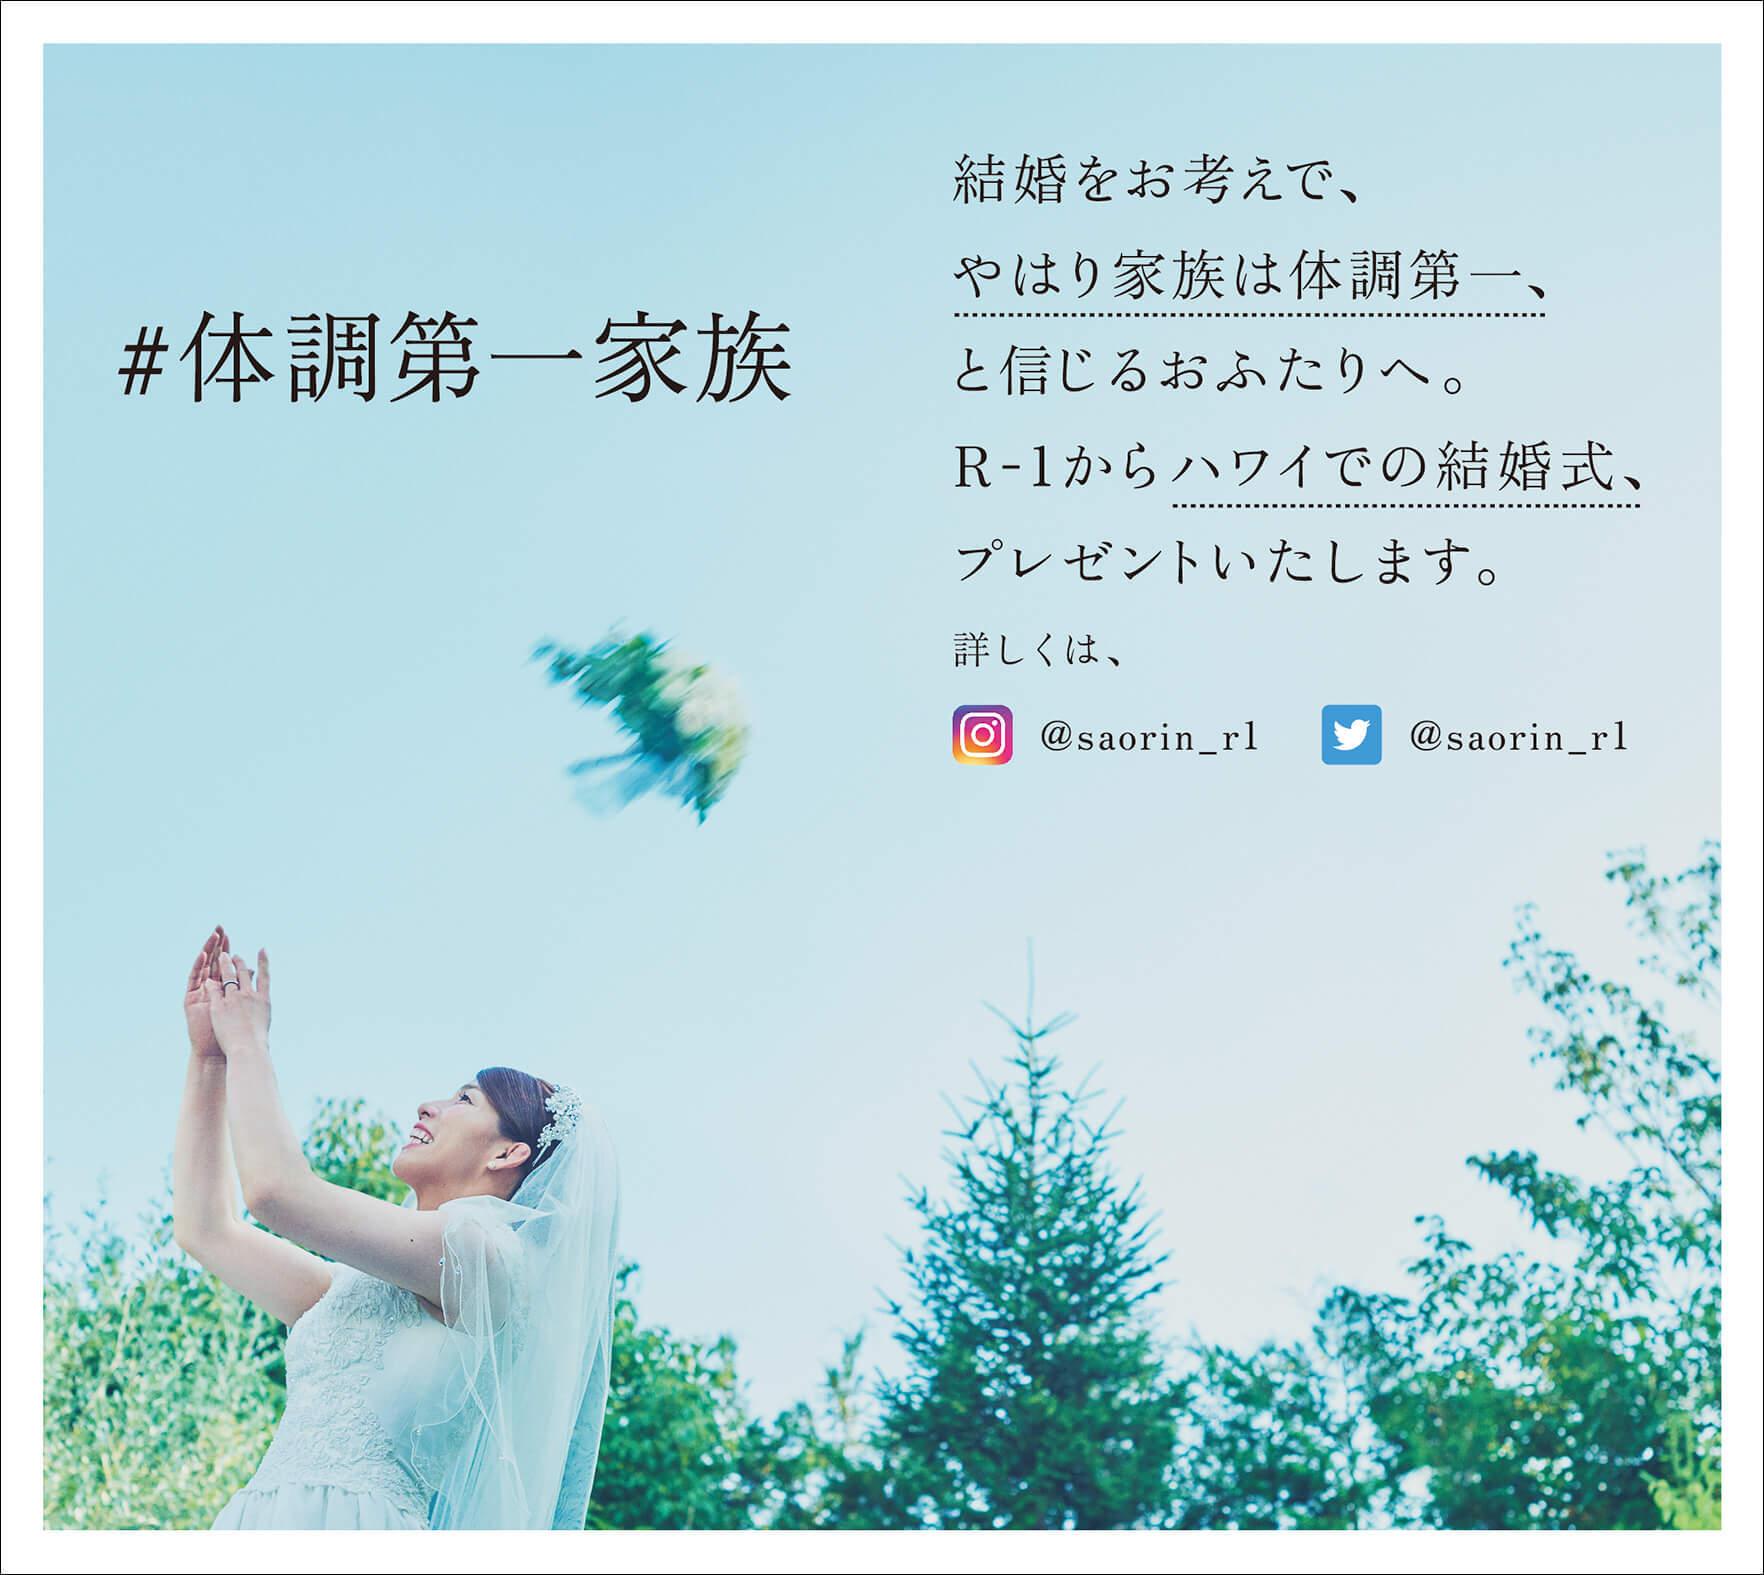 さおりんからのブーケストキャンペーン「ハワイでの結婚式」プレゼント!!